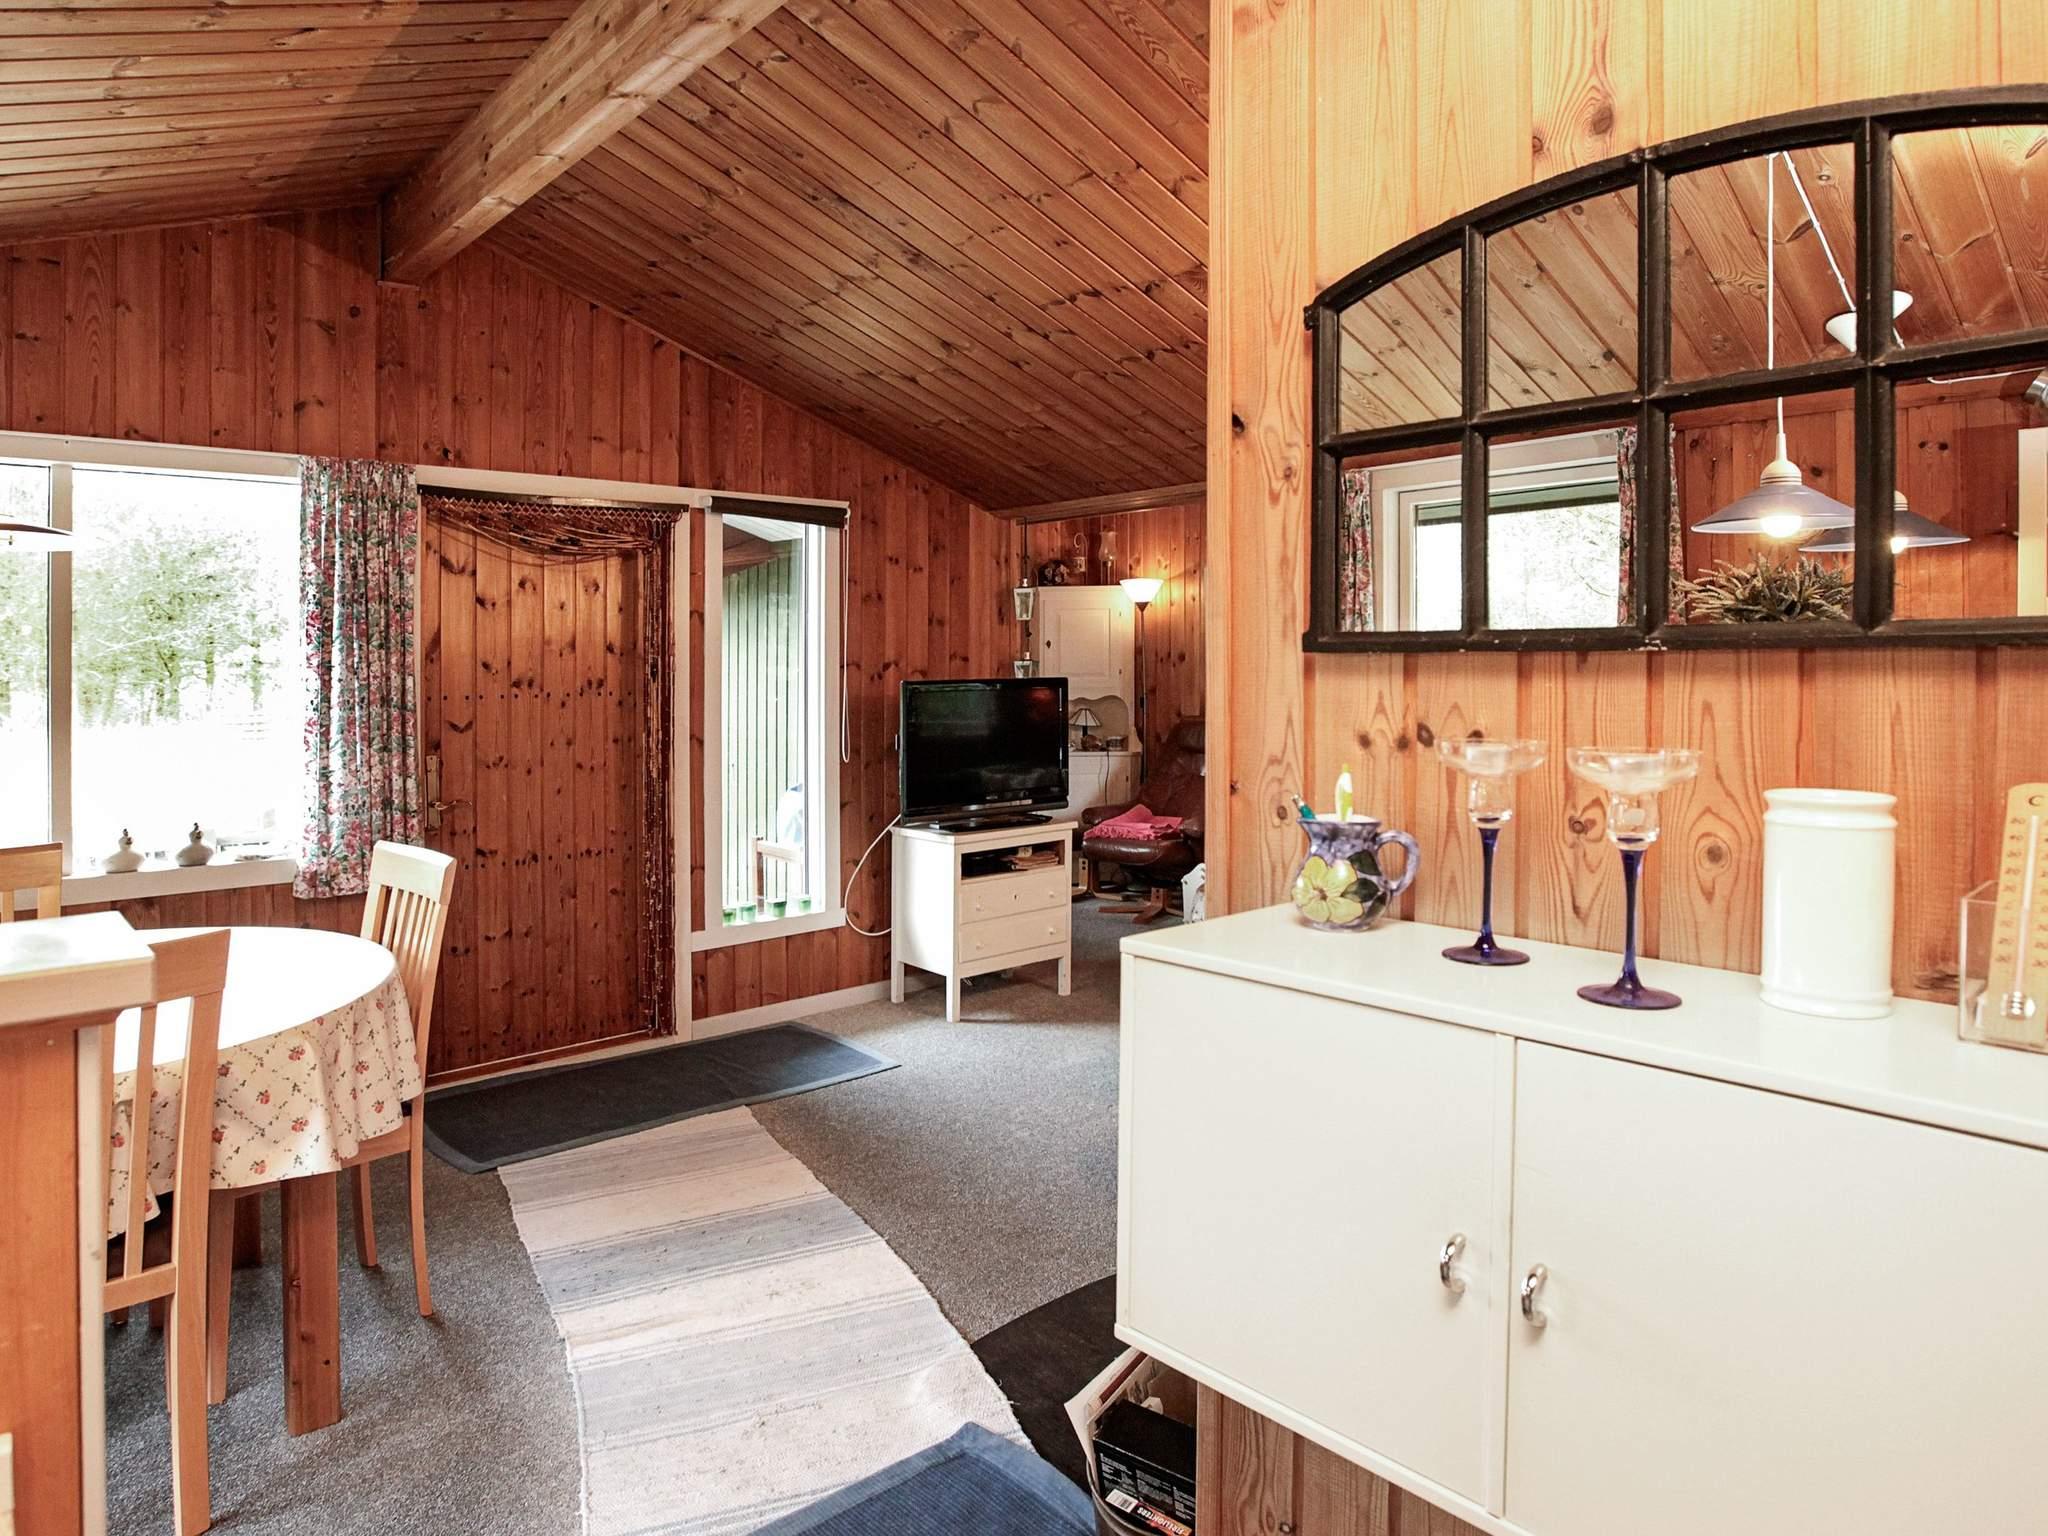 Ferienhaus Kjul Strand (2355604), Hirtshals, , Nordwestjütland, Dänemark, Bild 5